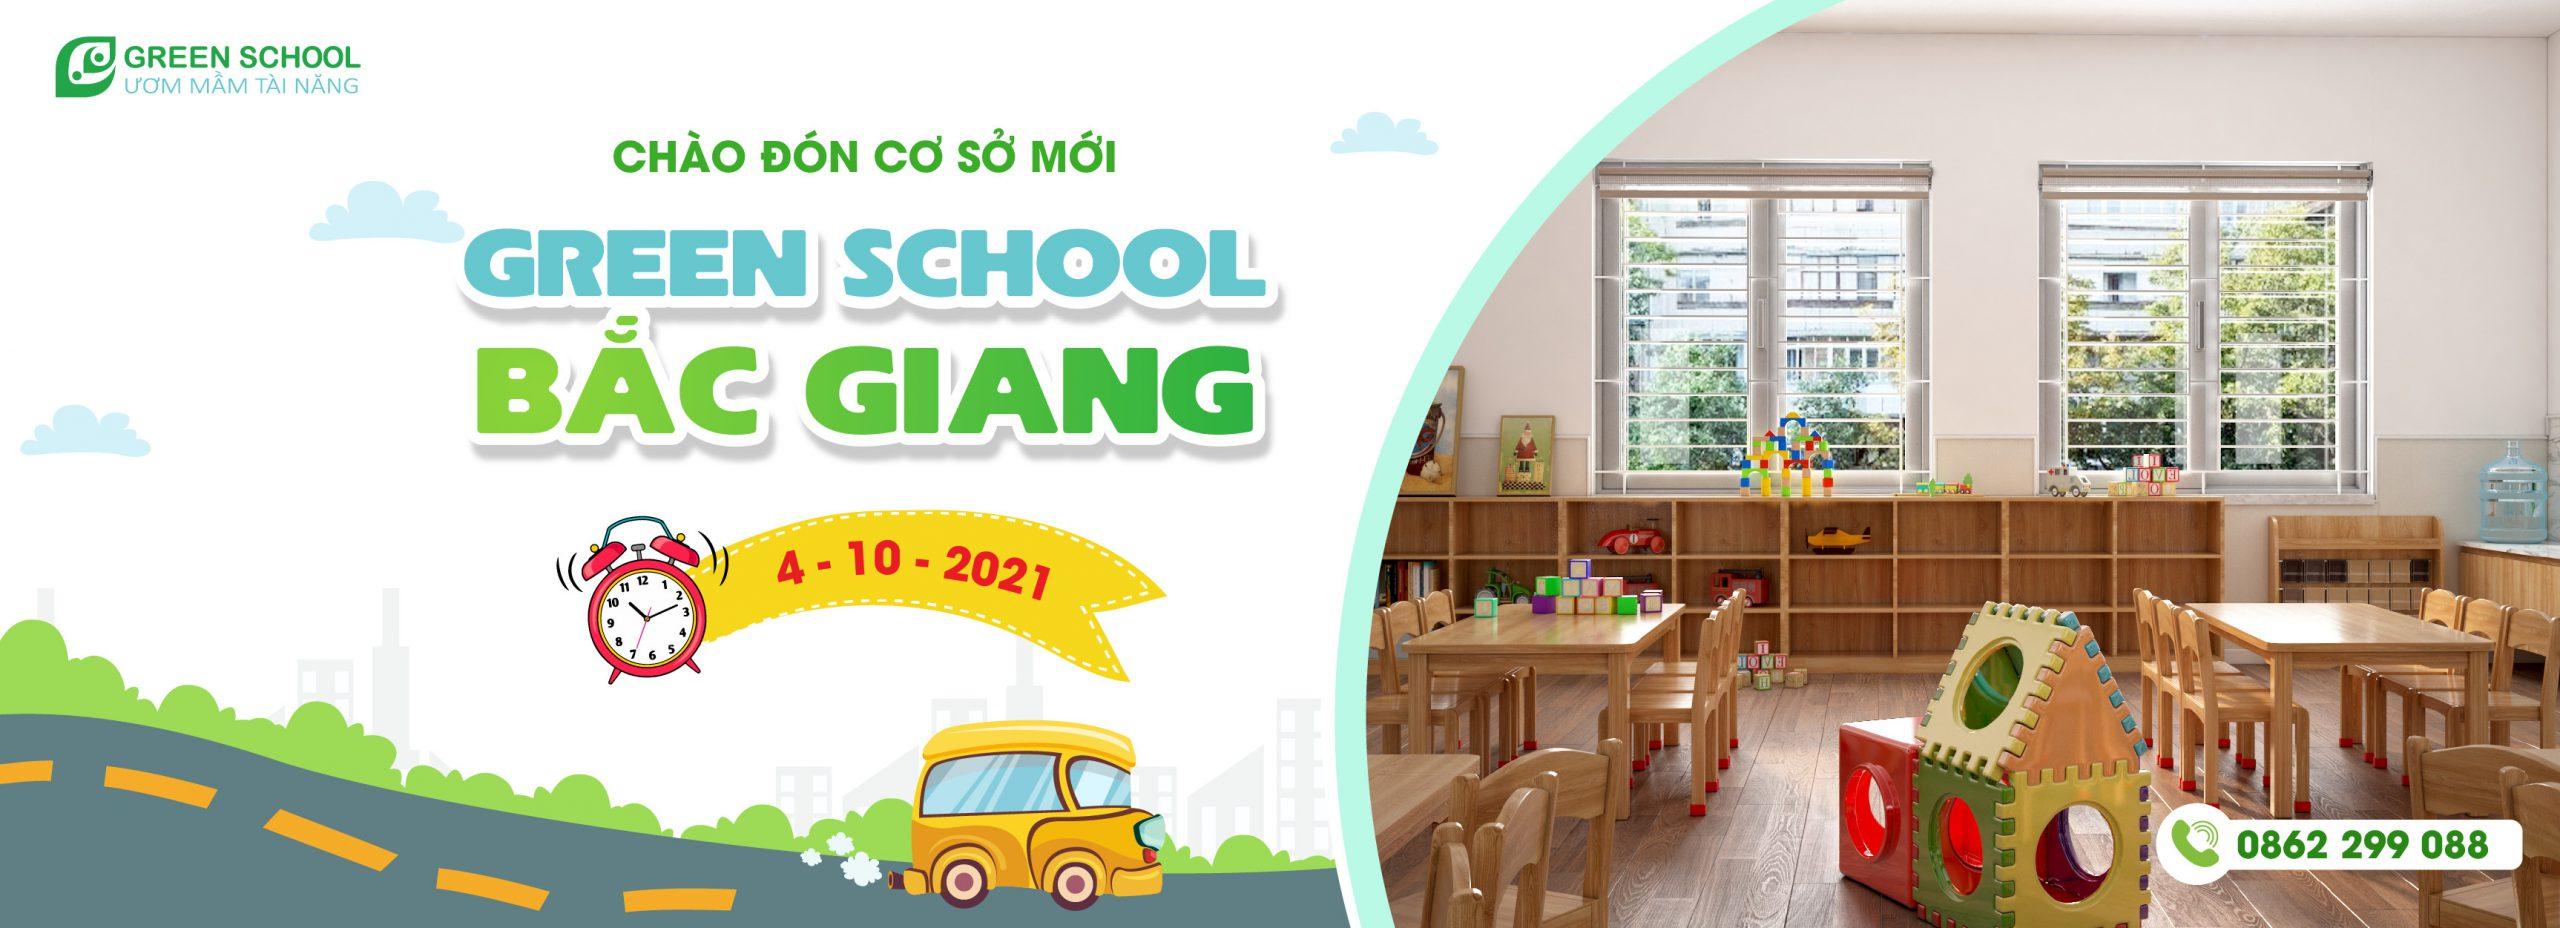 Ánh mắt háo hức đếm ngược sự kiện khai trương cơ sở Green School Bắc Giang - Trường Mầm Non Tư Thục Quốc Tế Thăng Long